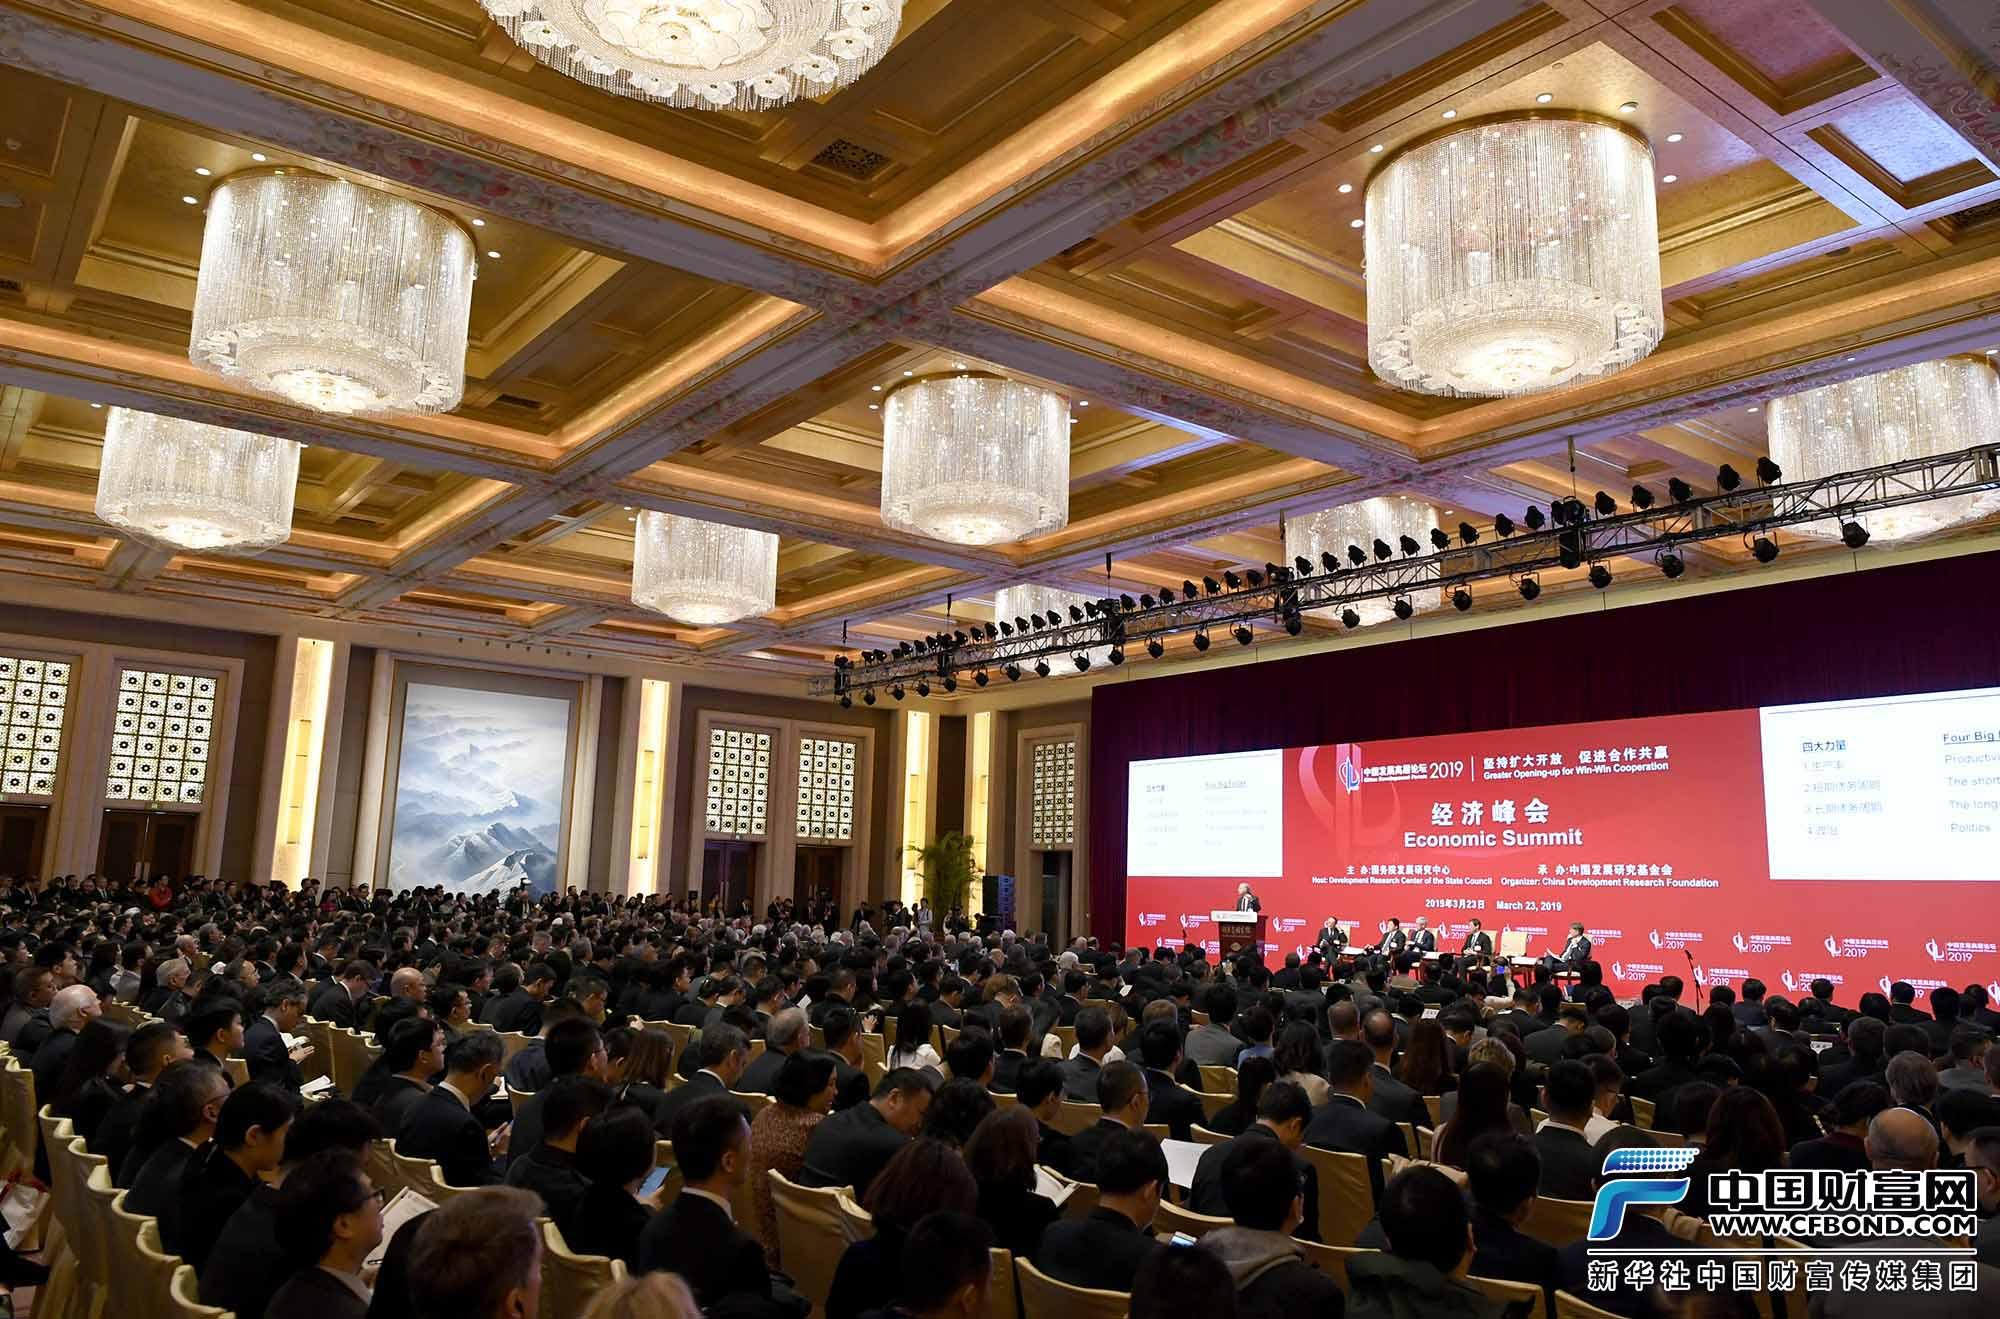 经济峰会:以开放引领未来